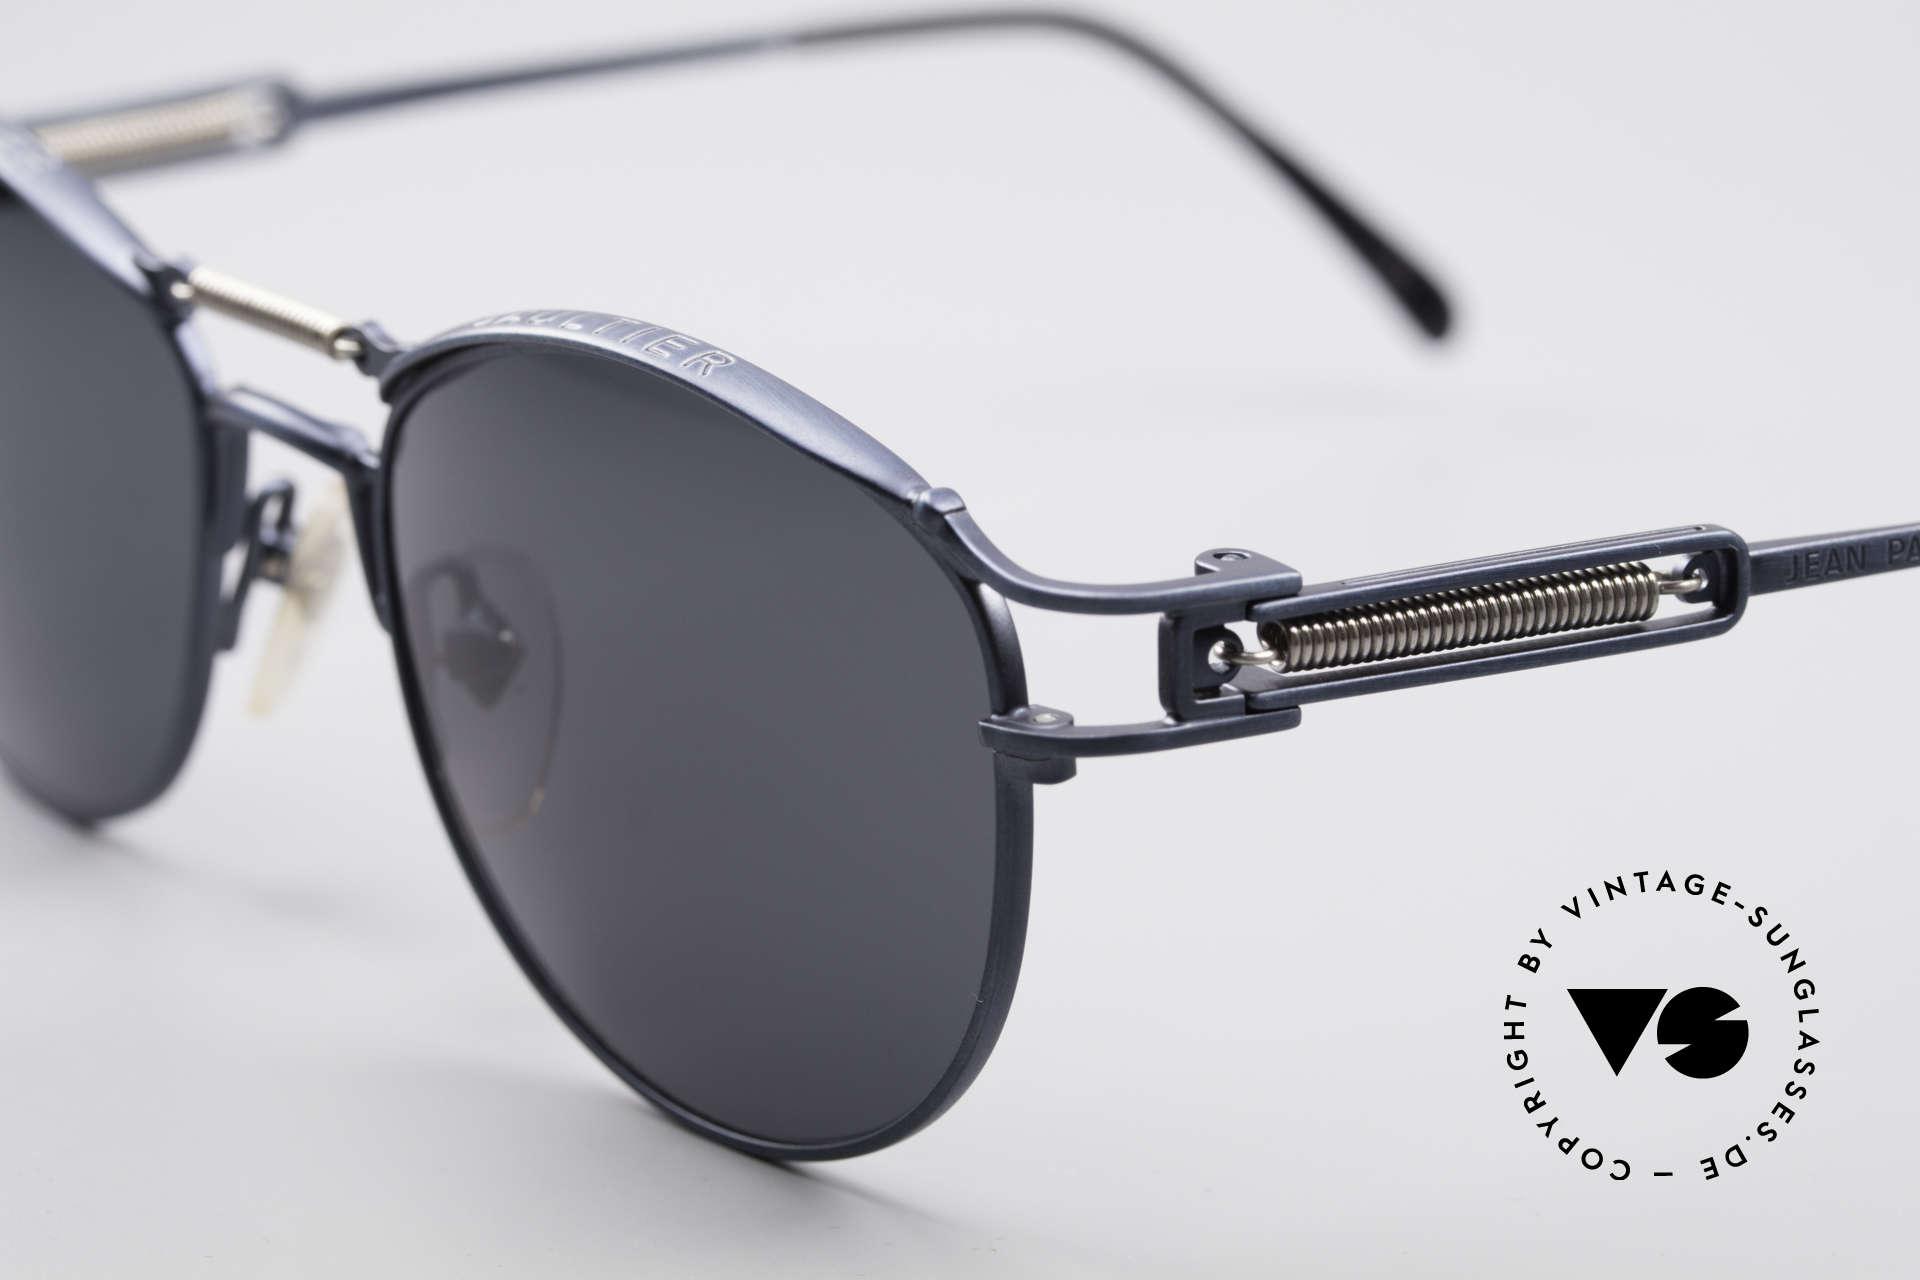 Jean Paul Gaultier 56-5107 Panto Designer Sonnenbrille, Wahnsinnsqualität, made in Japan (Muss man fühlen!), Passend für Herren und Damen